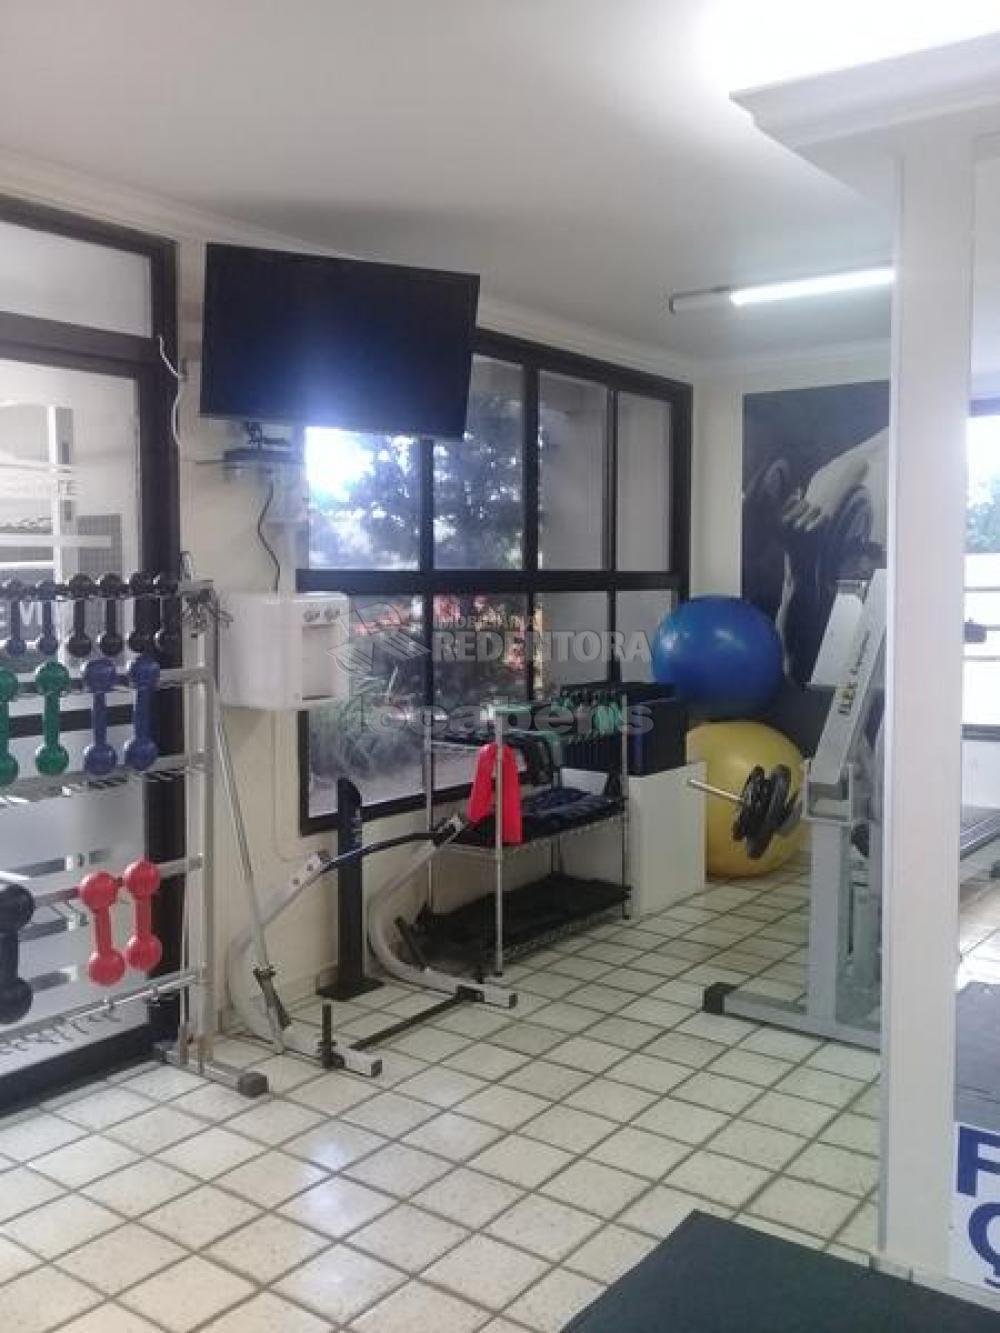 Comprar Apartamento / Padrão em São José do Rio Preto apenas R$ 380.000,00 - Foto 28